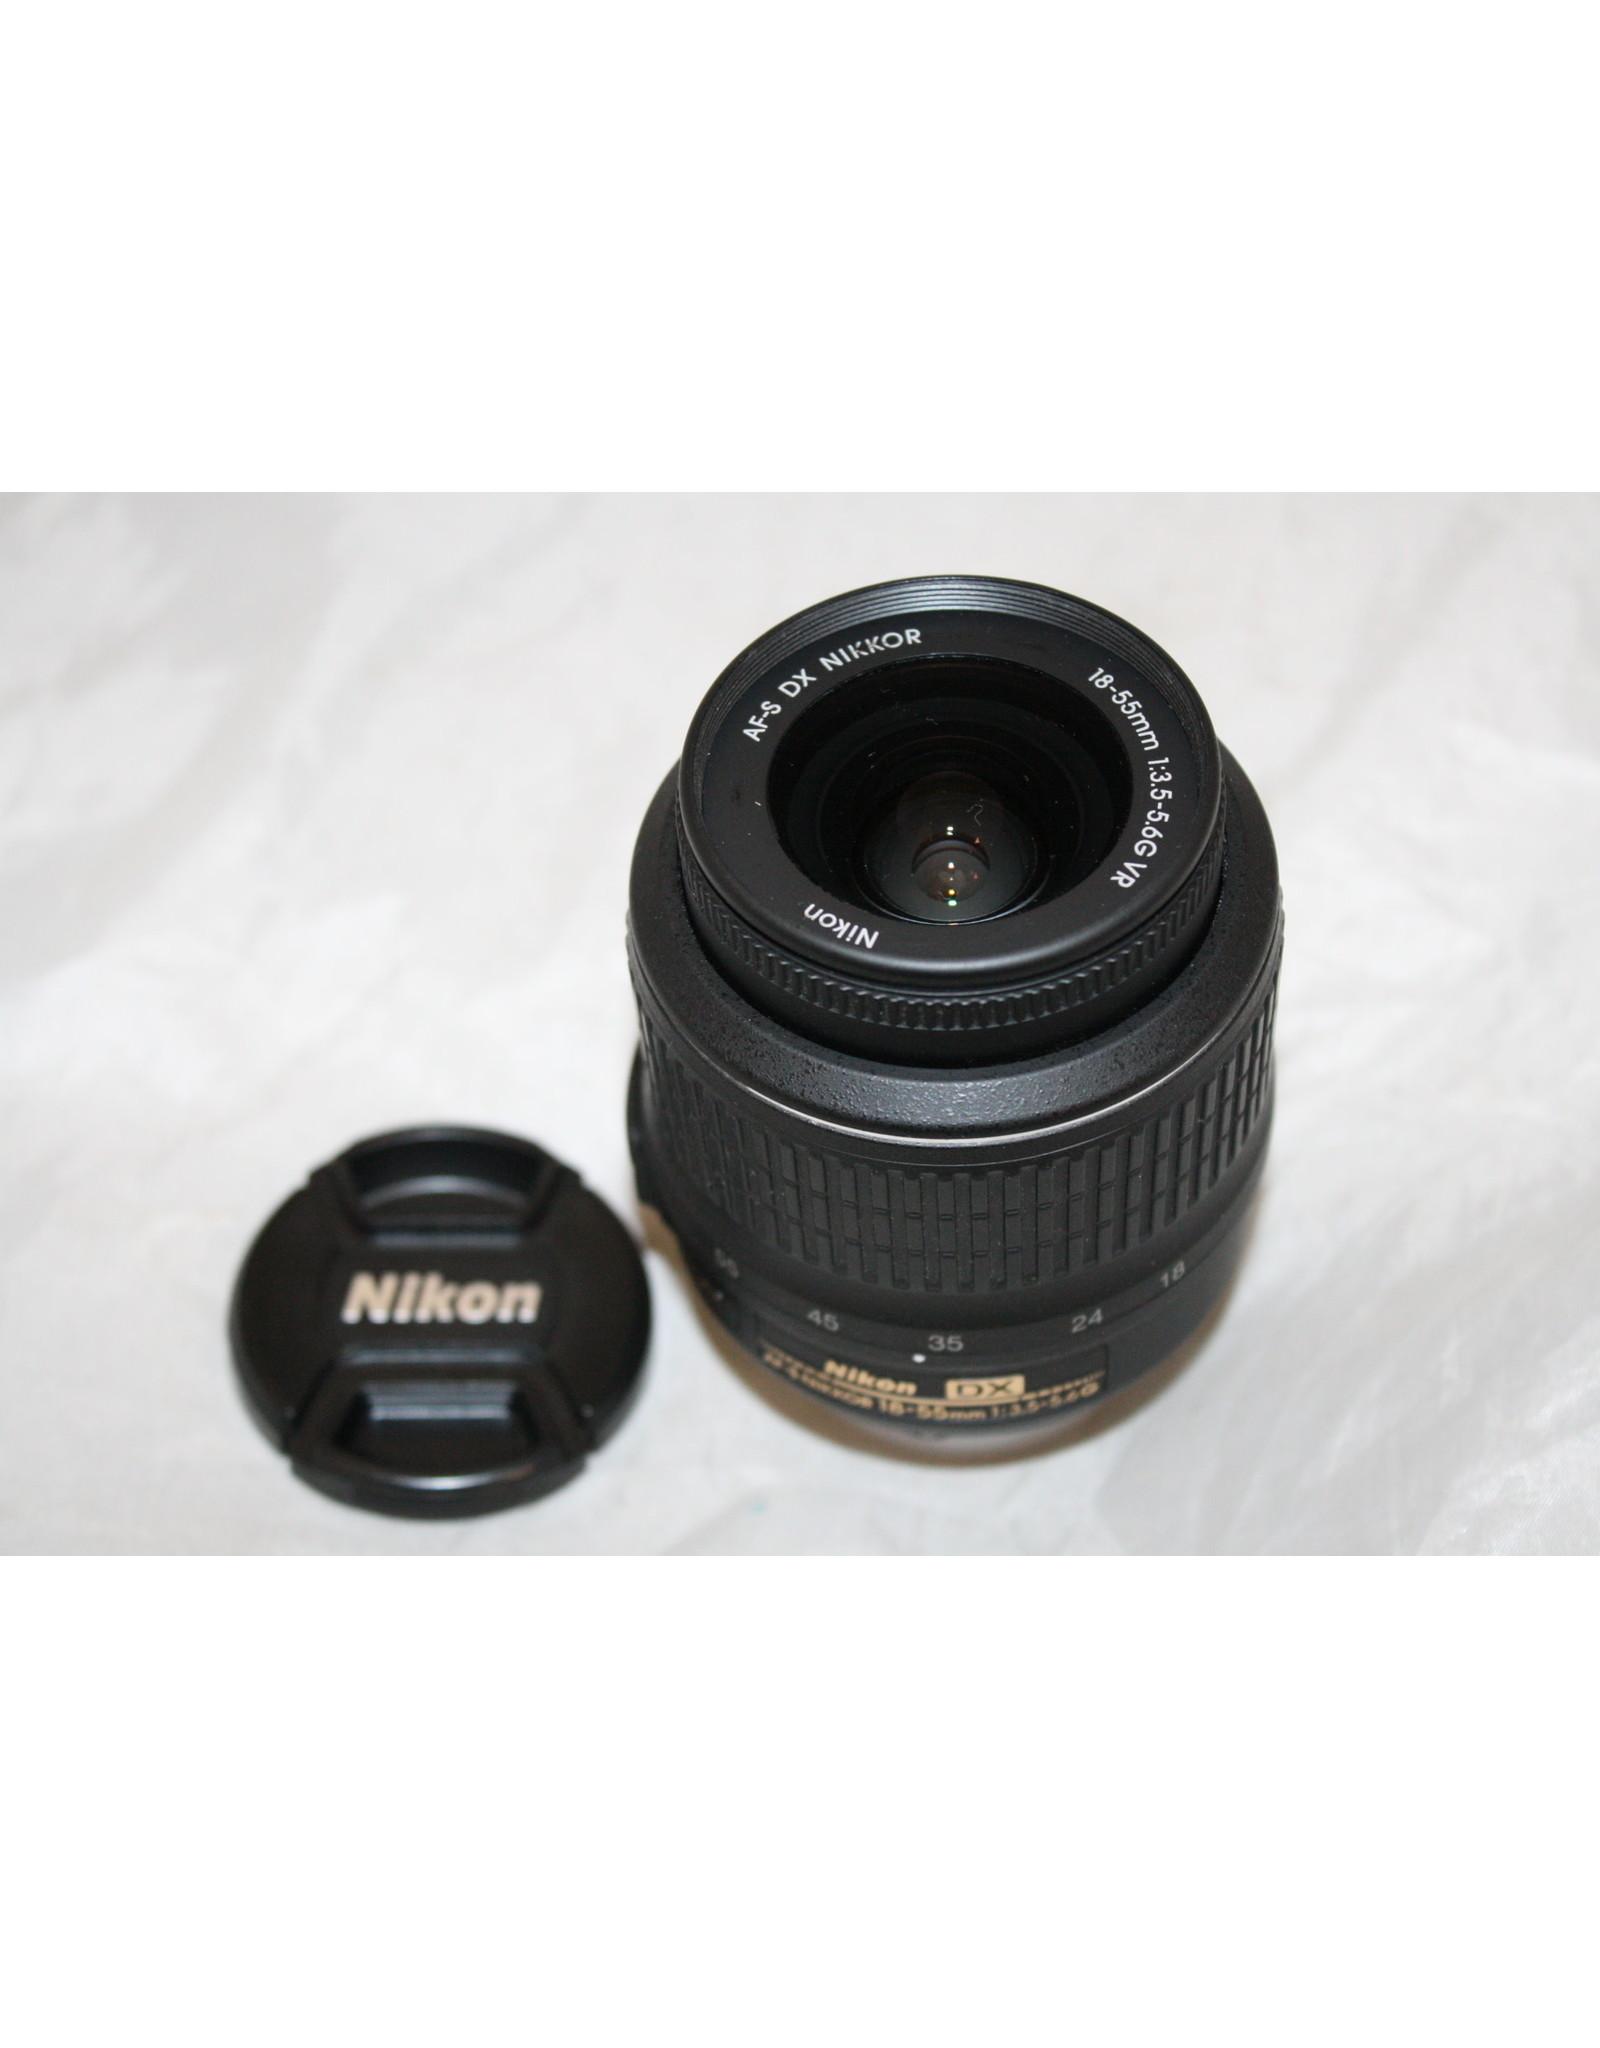 Nikon AF-S DX ZOOM-NIKKOR 18-55MM F/3.5-5.6G VR